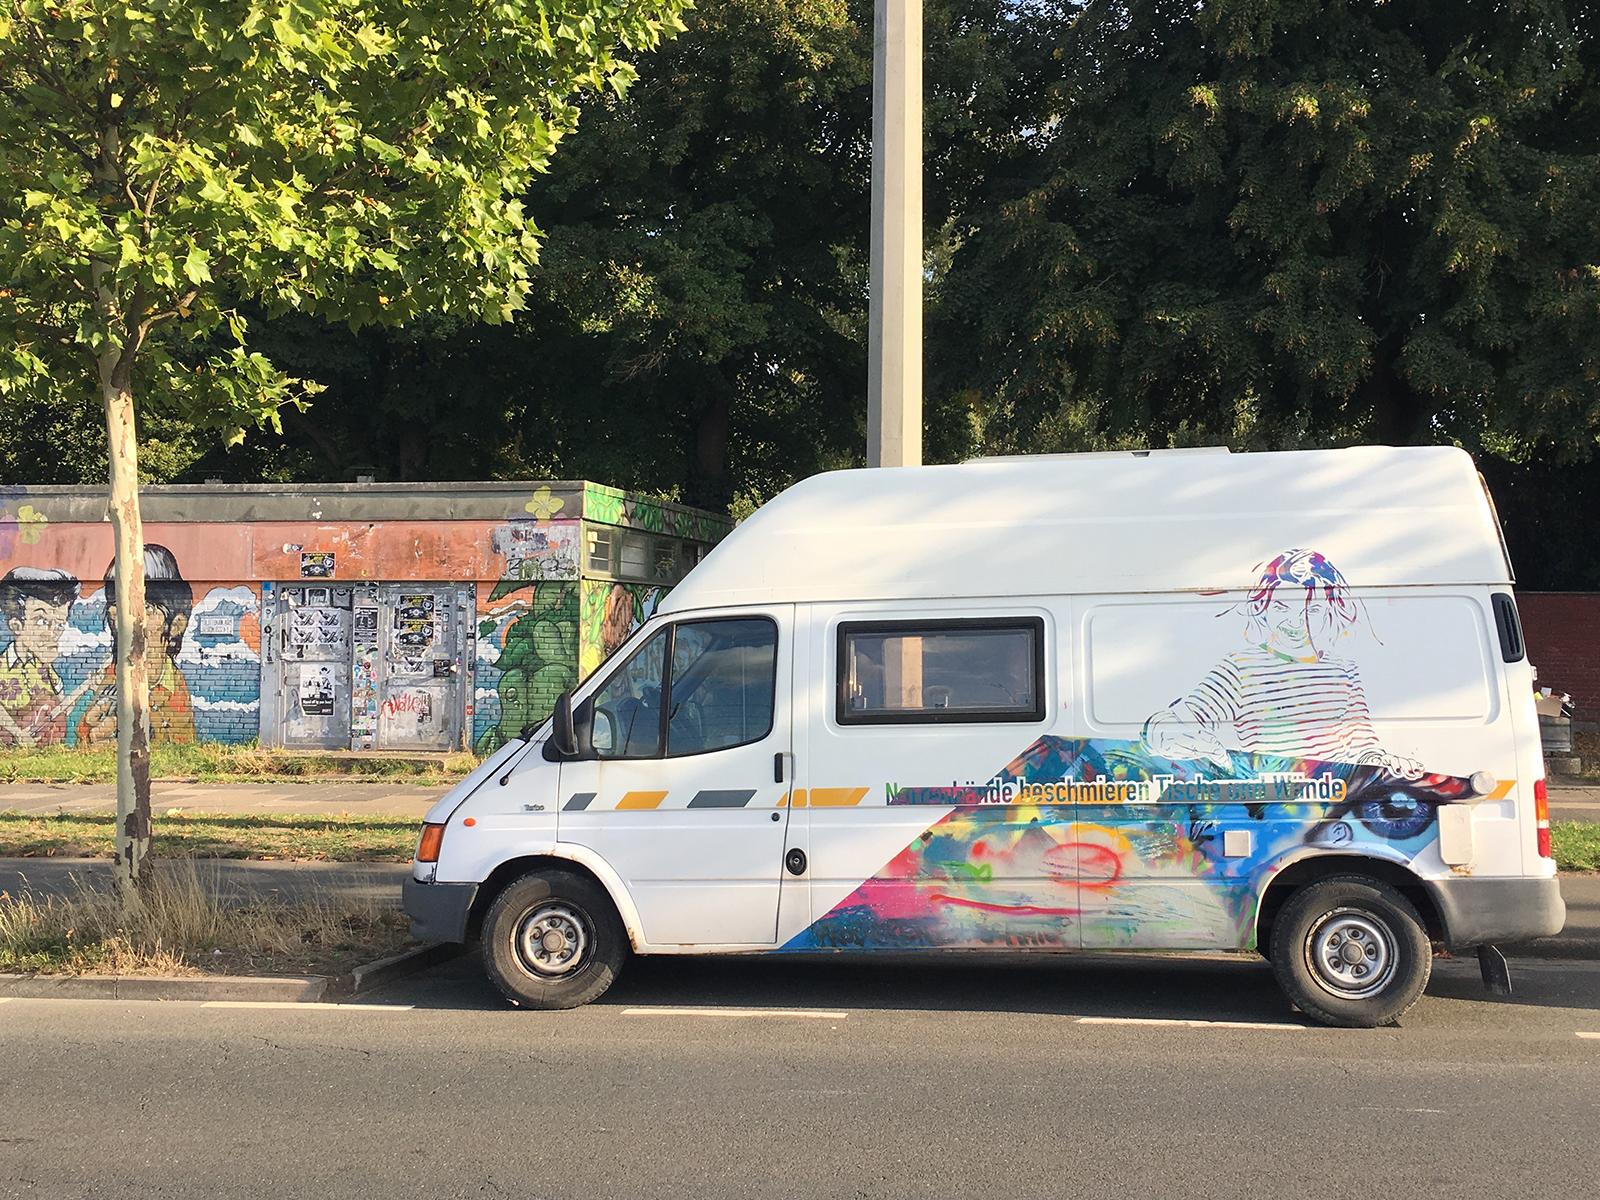 Graffitiaktion zum Mitmachen14